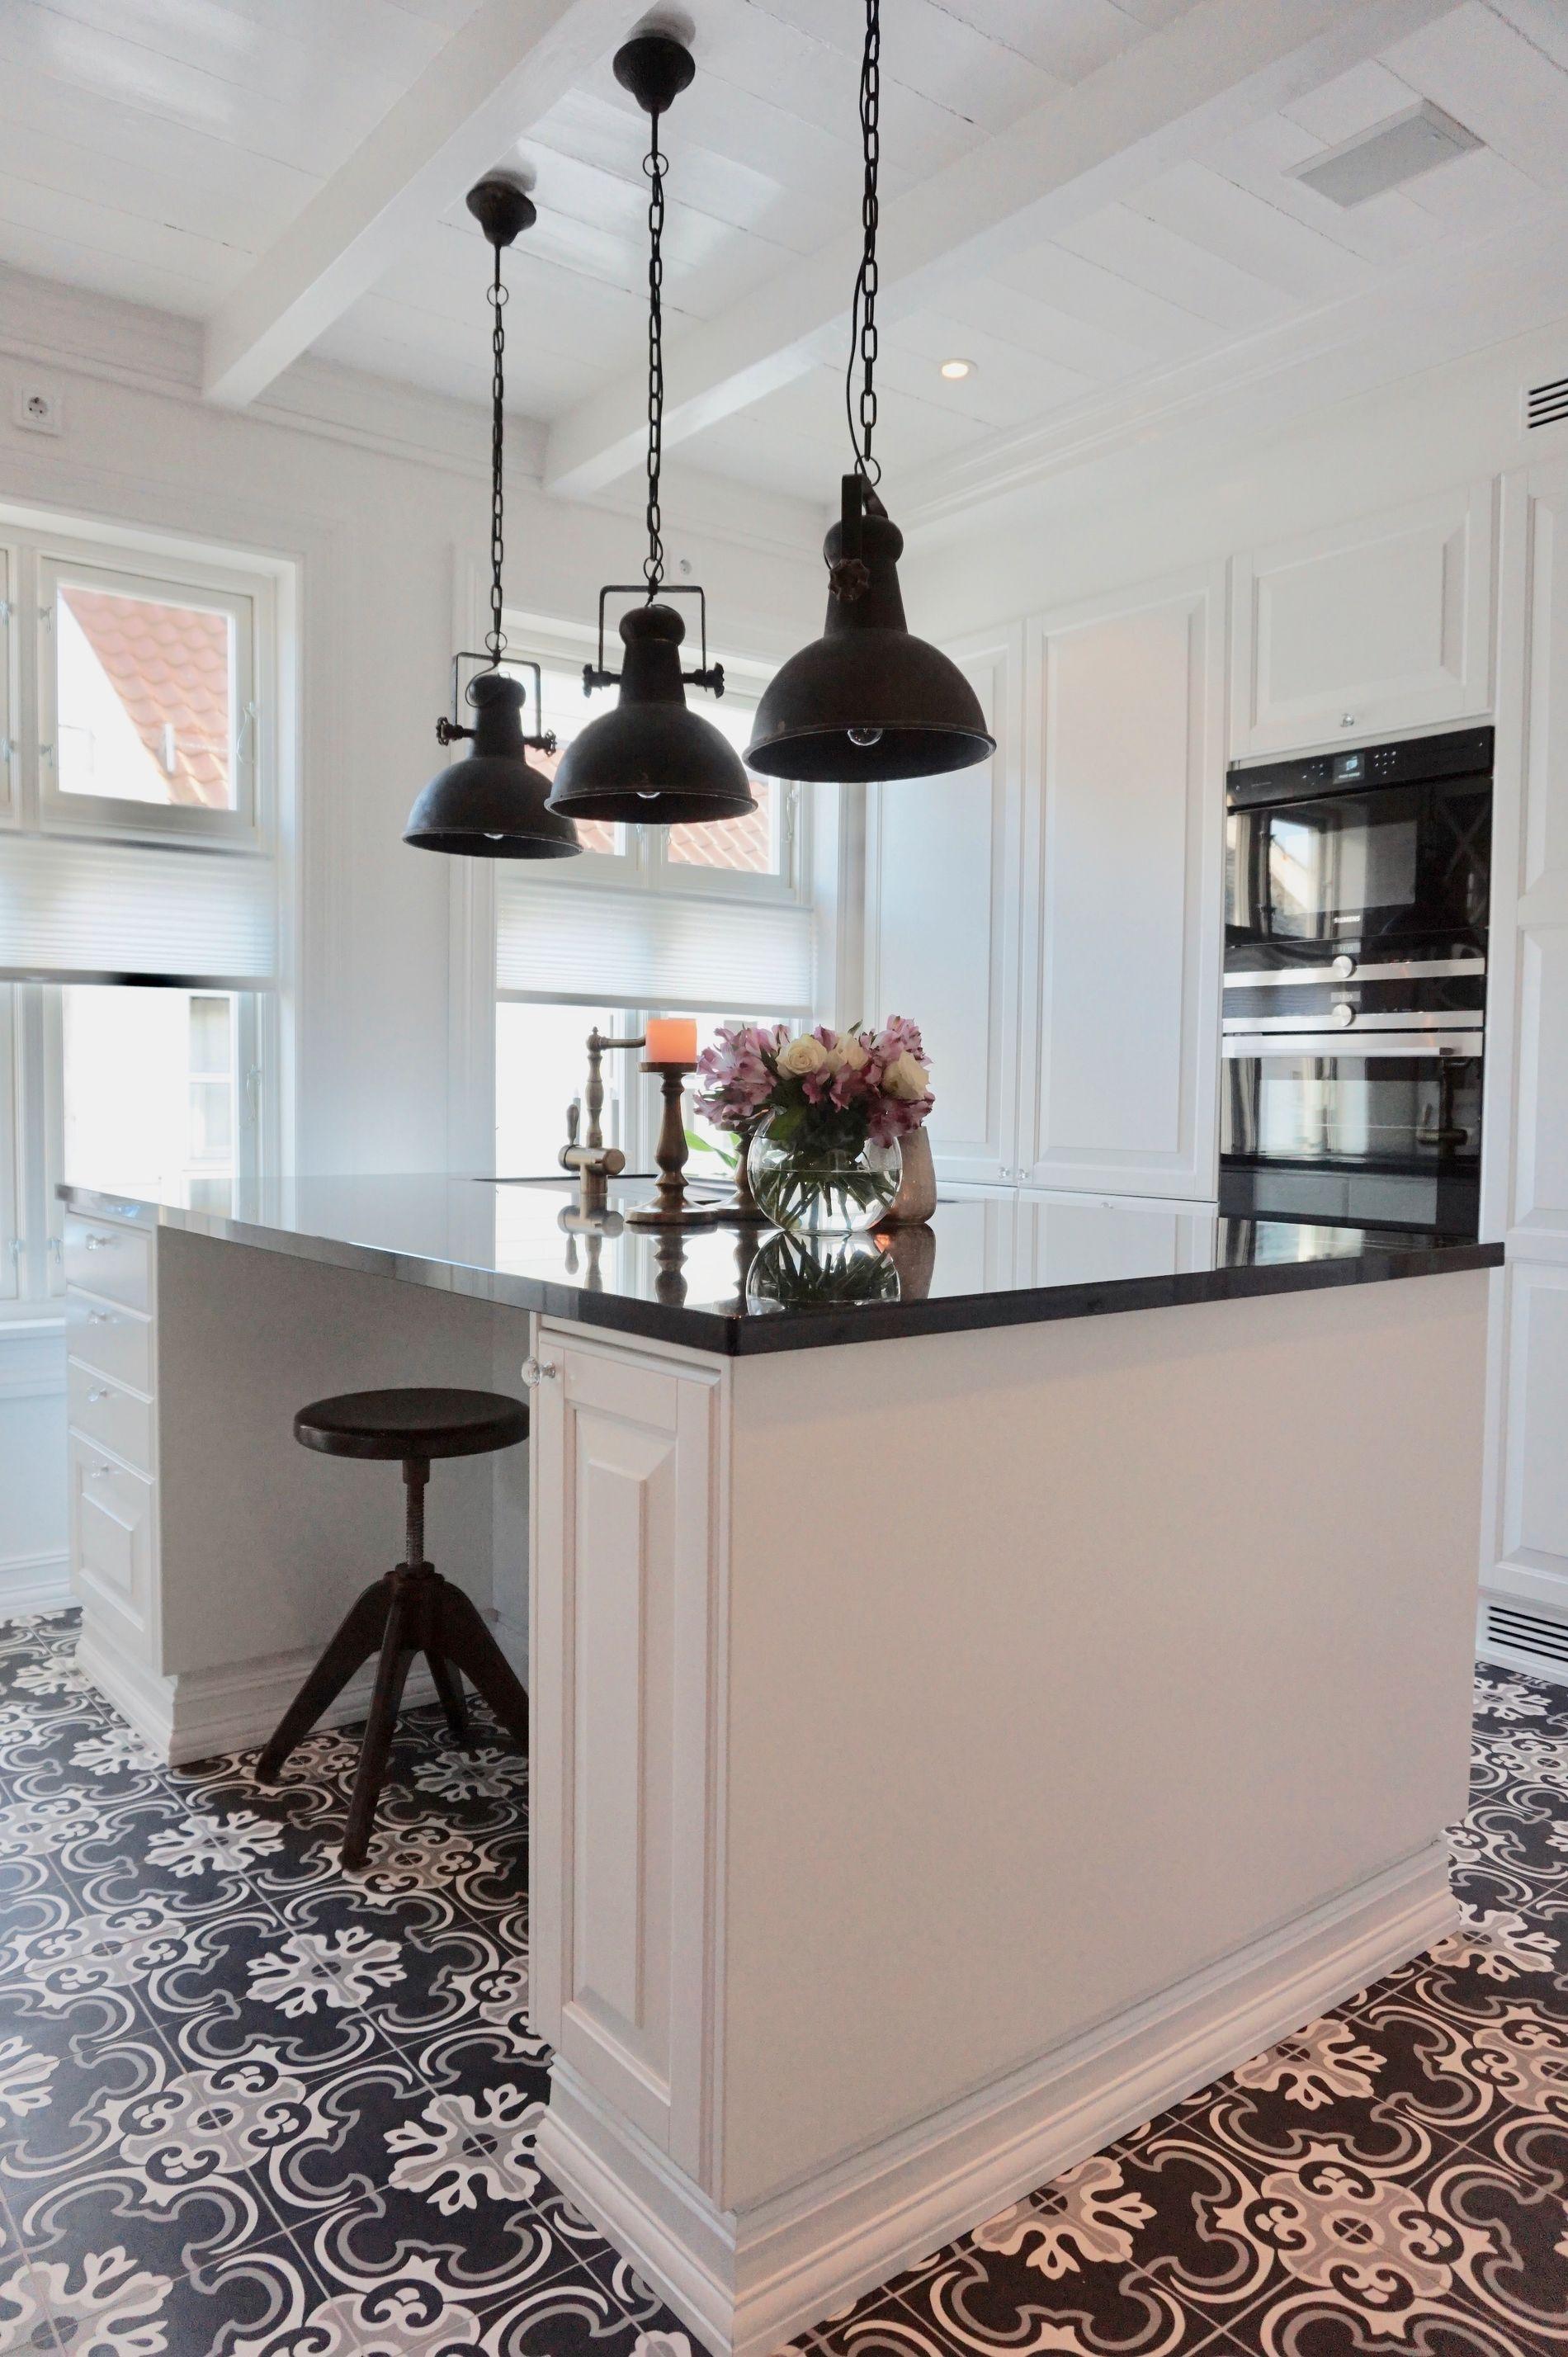 Drømmekjøkken: - Kjøkkenet ble nøyaktig som vi forestilte oss. Vi har virkelig fått gjenskapt vår kjøkkendrøm, sier Mona Ersdal.